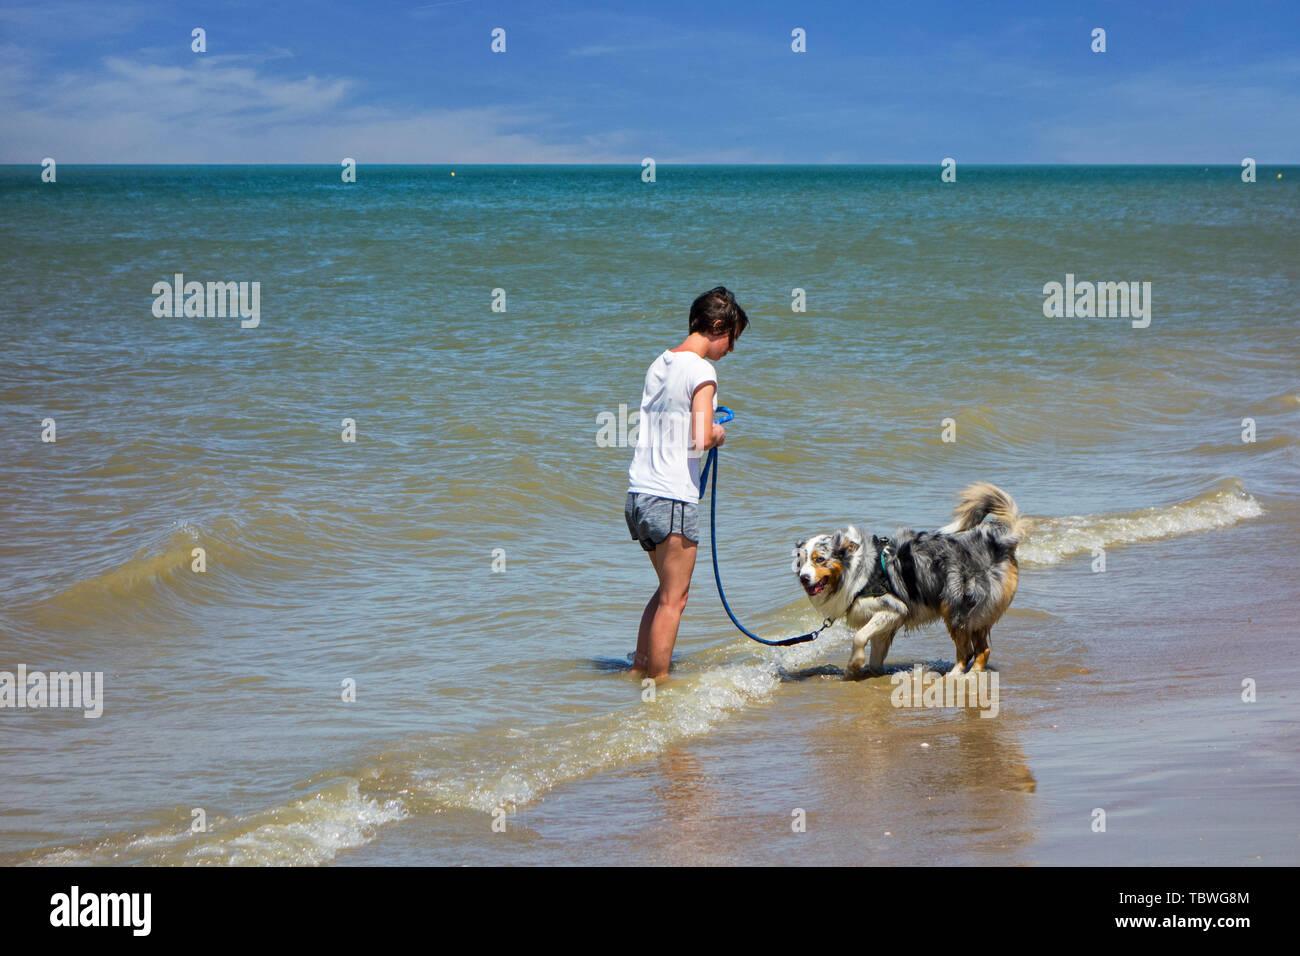 Hündin besitzer Lehre unsicher/ängstlich Hund Meer Wasser gewöhnen und nass von Paddeln in der Brandung Stockbild